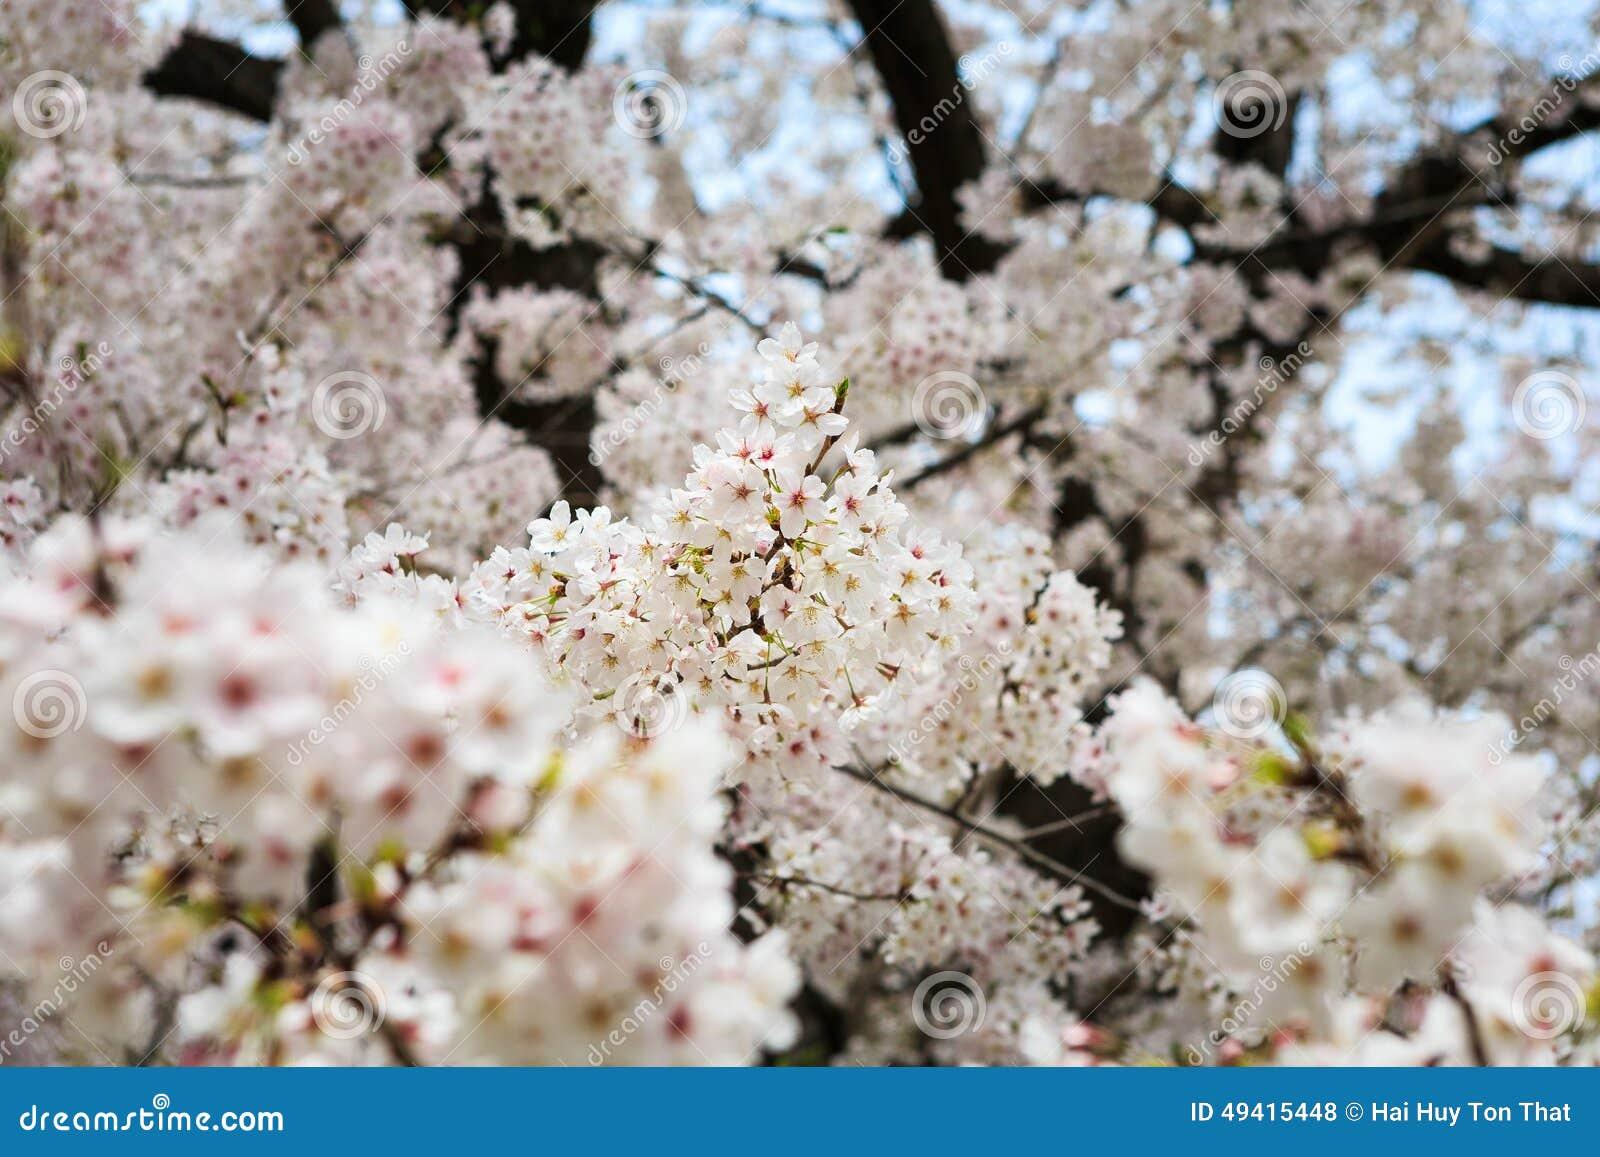 Download Cherry Blossom stockfoto. Bild von botanisch, ruhe, kirsche - 49415448